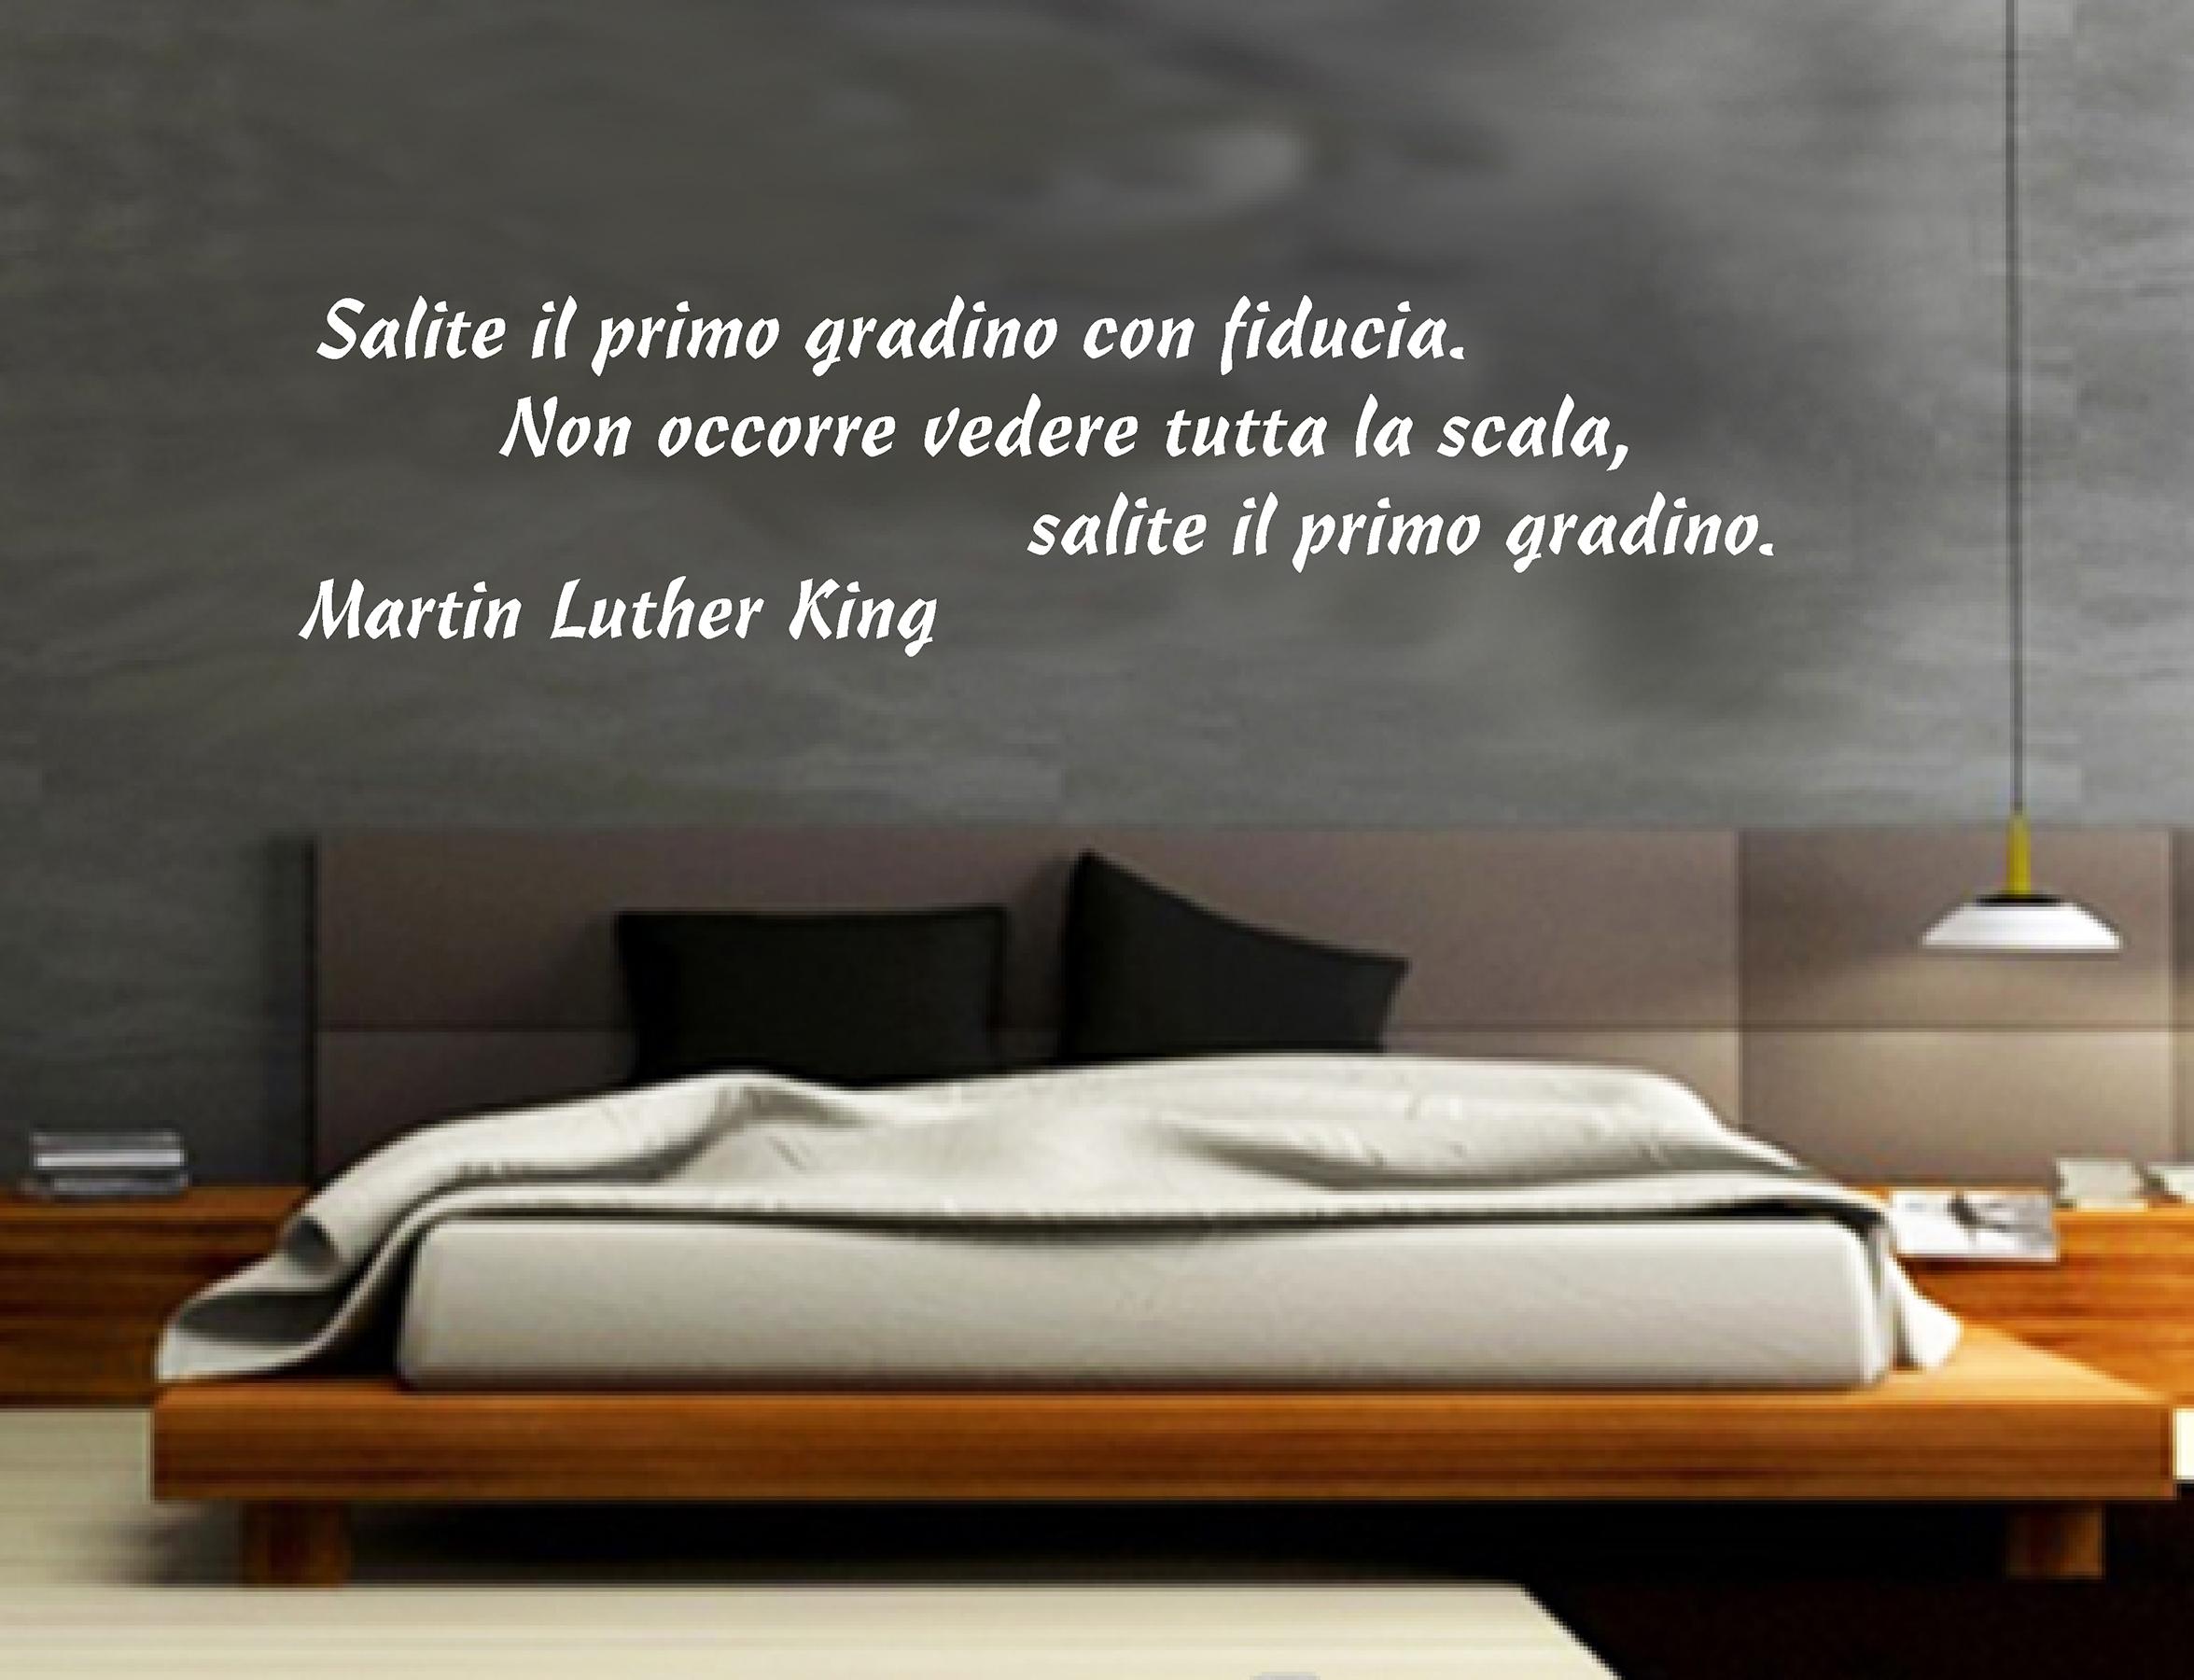 Wall stickers adesivi murali martin luther king aforismi - Adesivi parete camera da letto ...